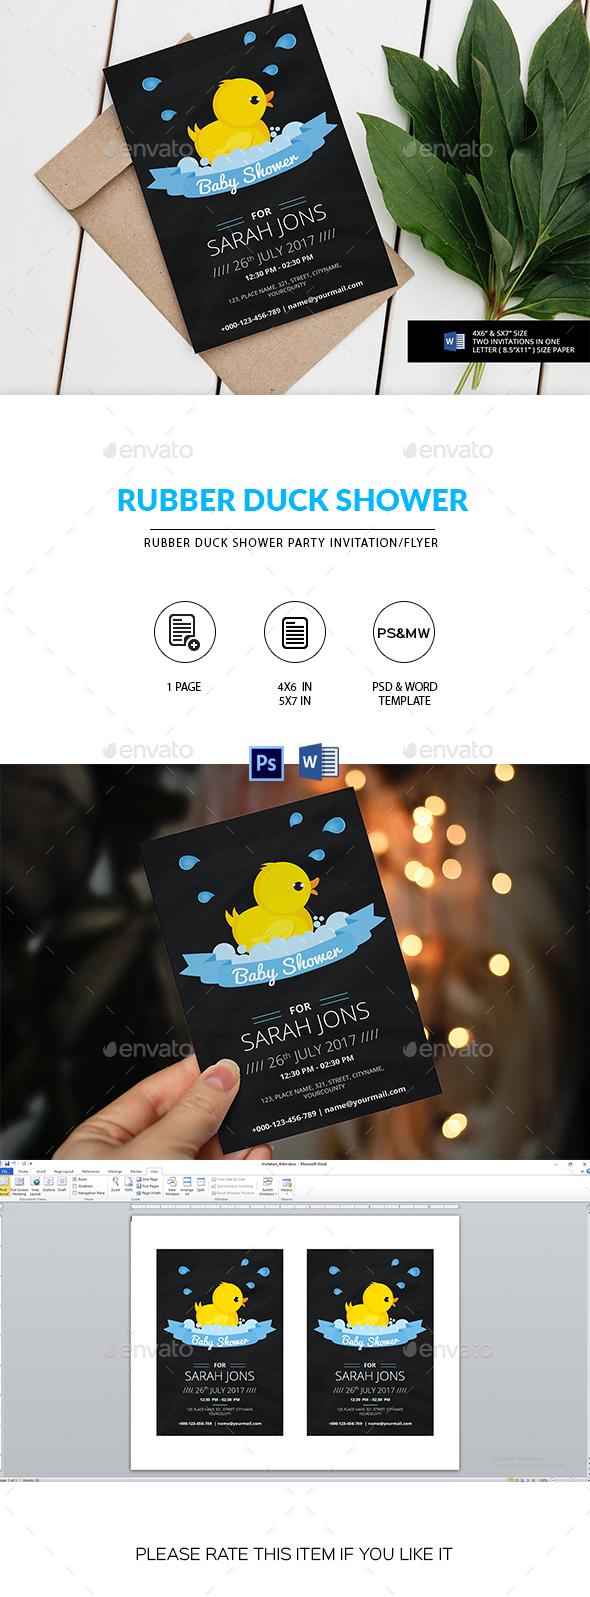 Chalkboard Rubber Duck Birthday Invitation - Invitations Cards & Invites